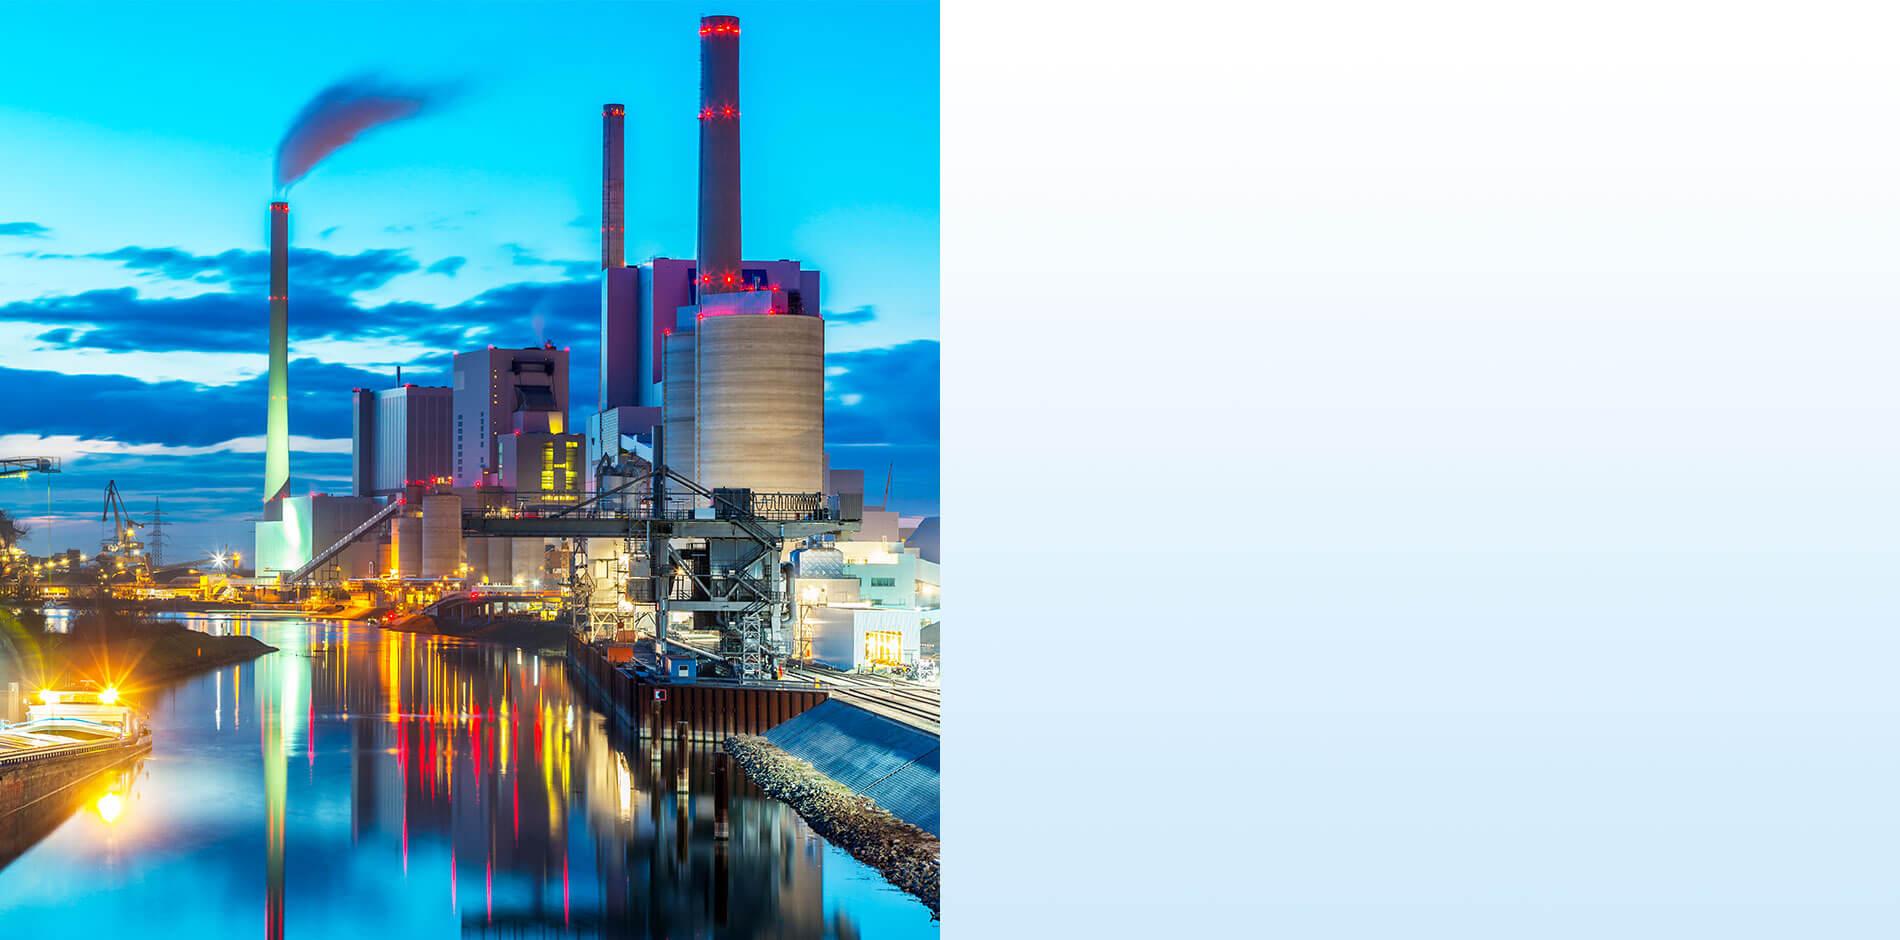 Efficacité en termes d'énergie et d'eau : centrales électriques et industrie